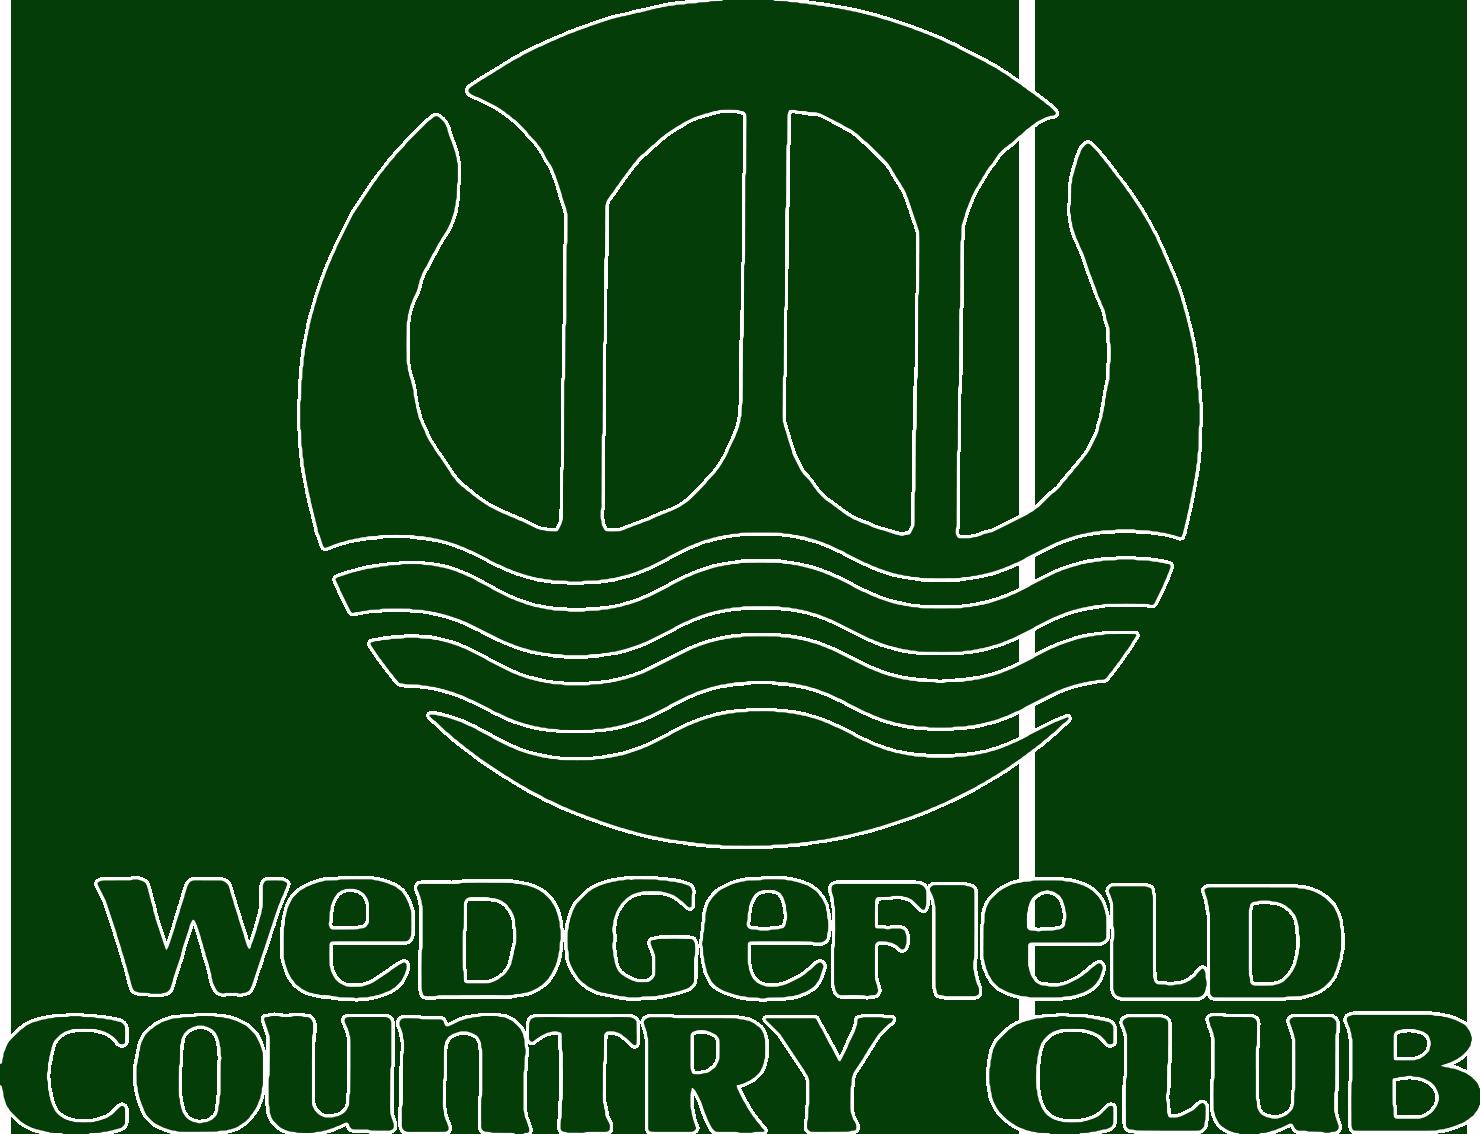 Wedgefield Country Club - Georgetown SC Wedding Venue